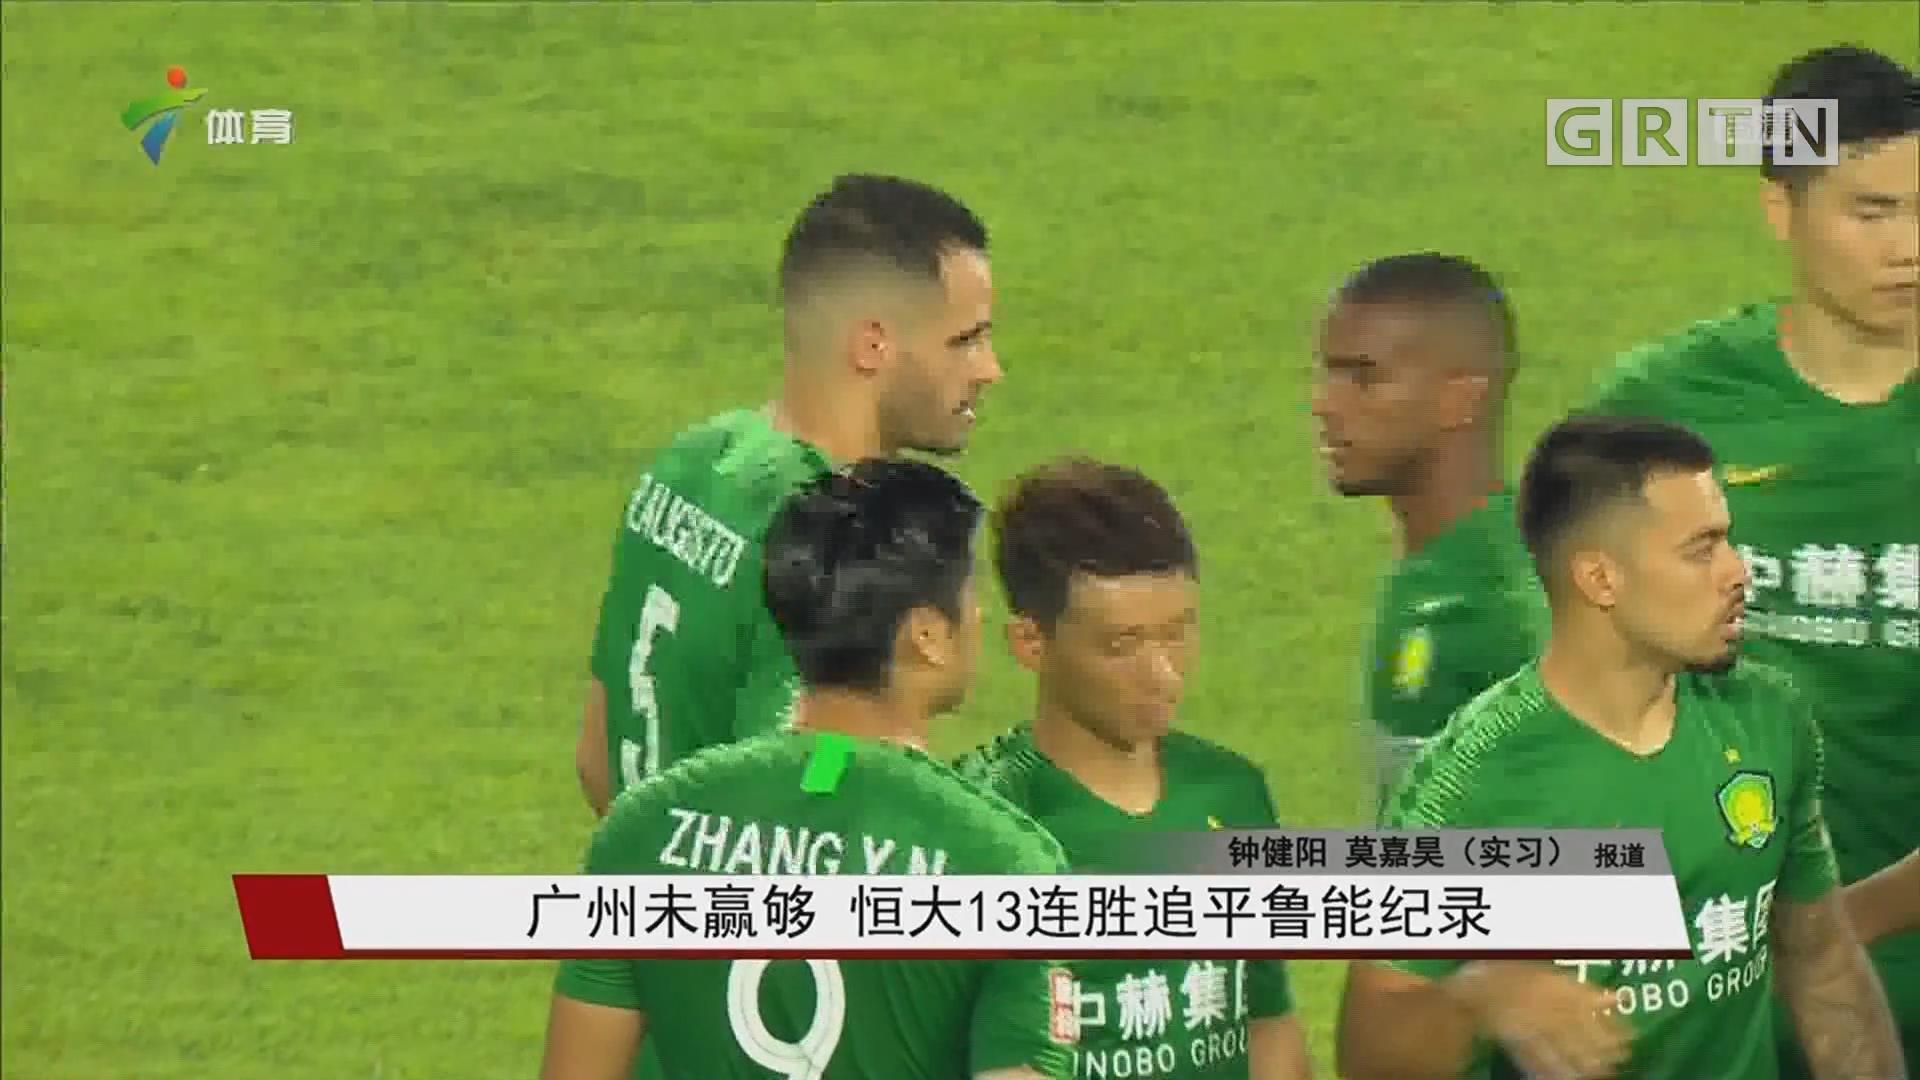 广州未赢够 恒大13连胜追平鲁能纪录